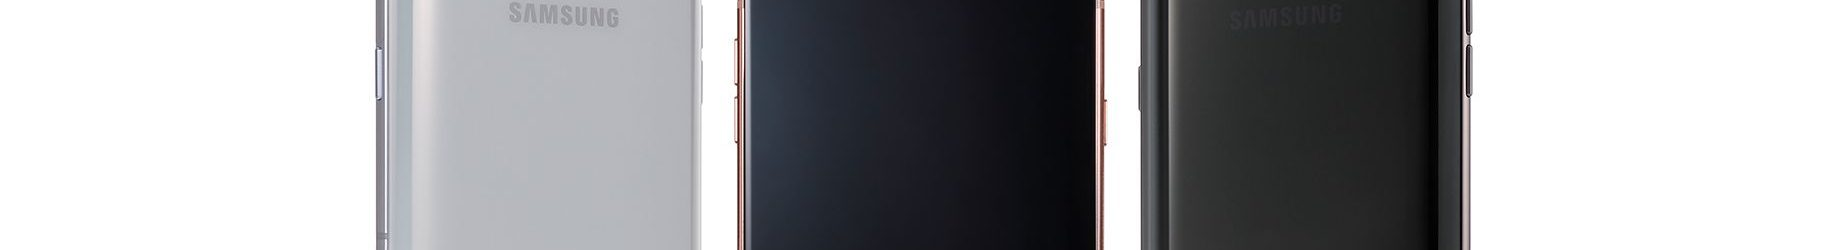 Samsung Galaxy A80 ufficiale: uno smartphone unico e molto interessante